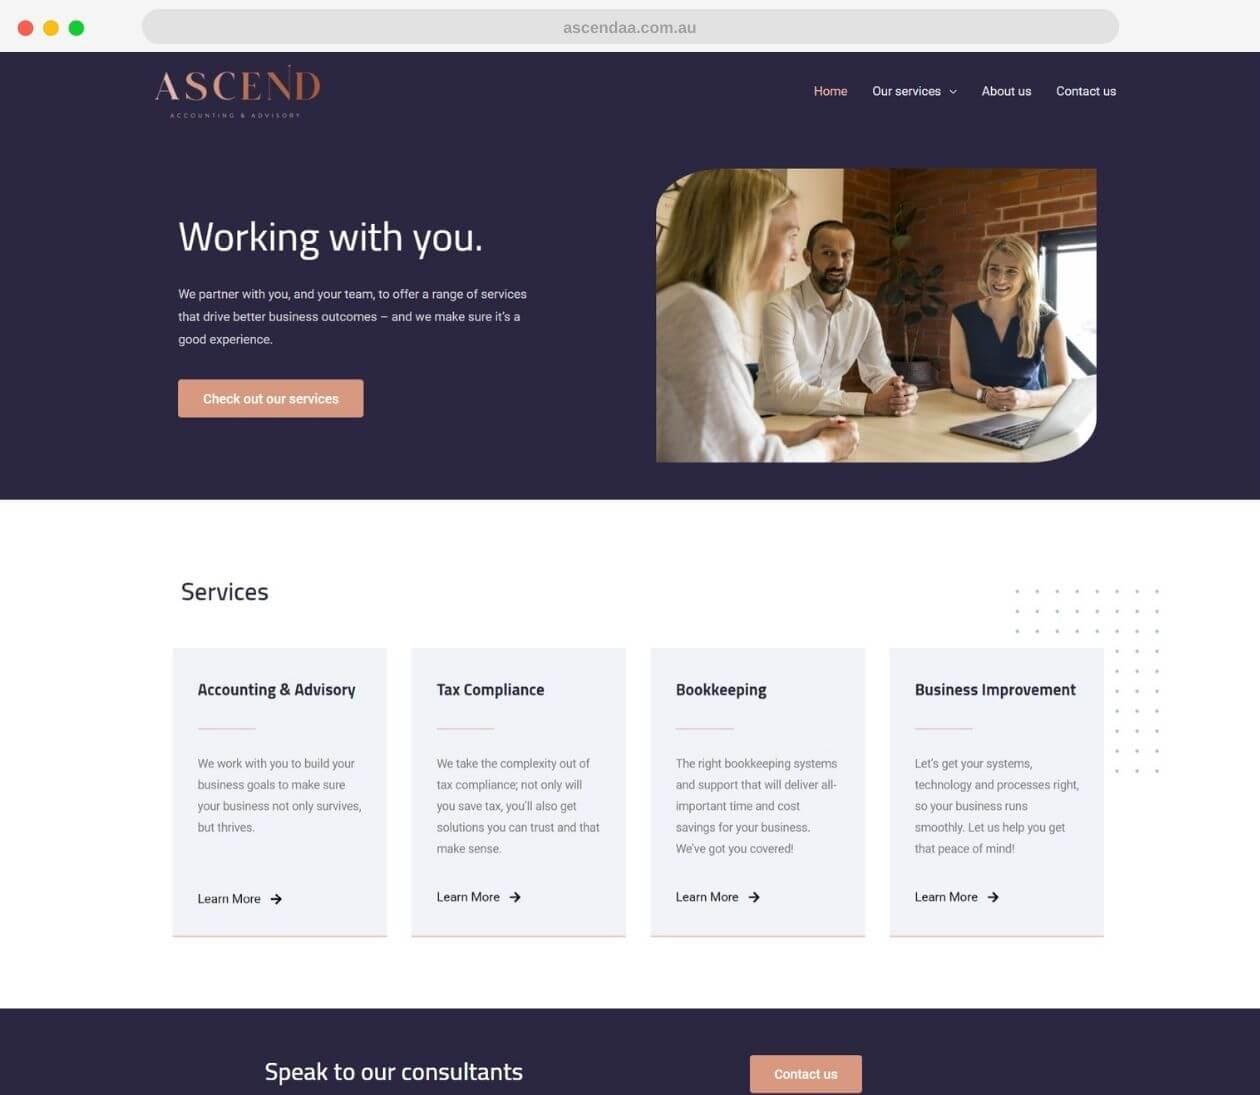 ascendaa.com.au